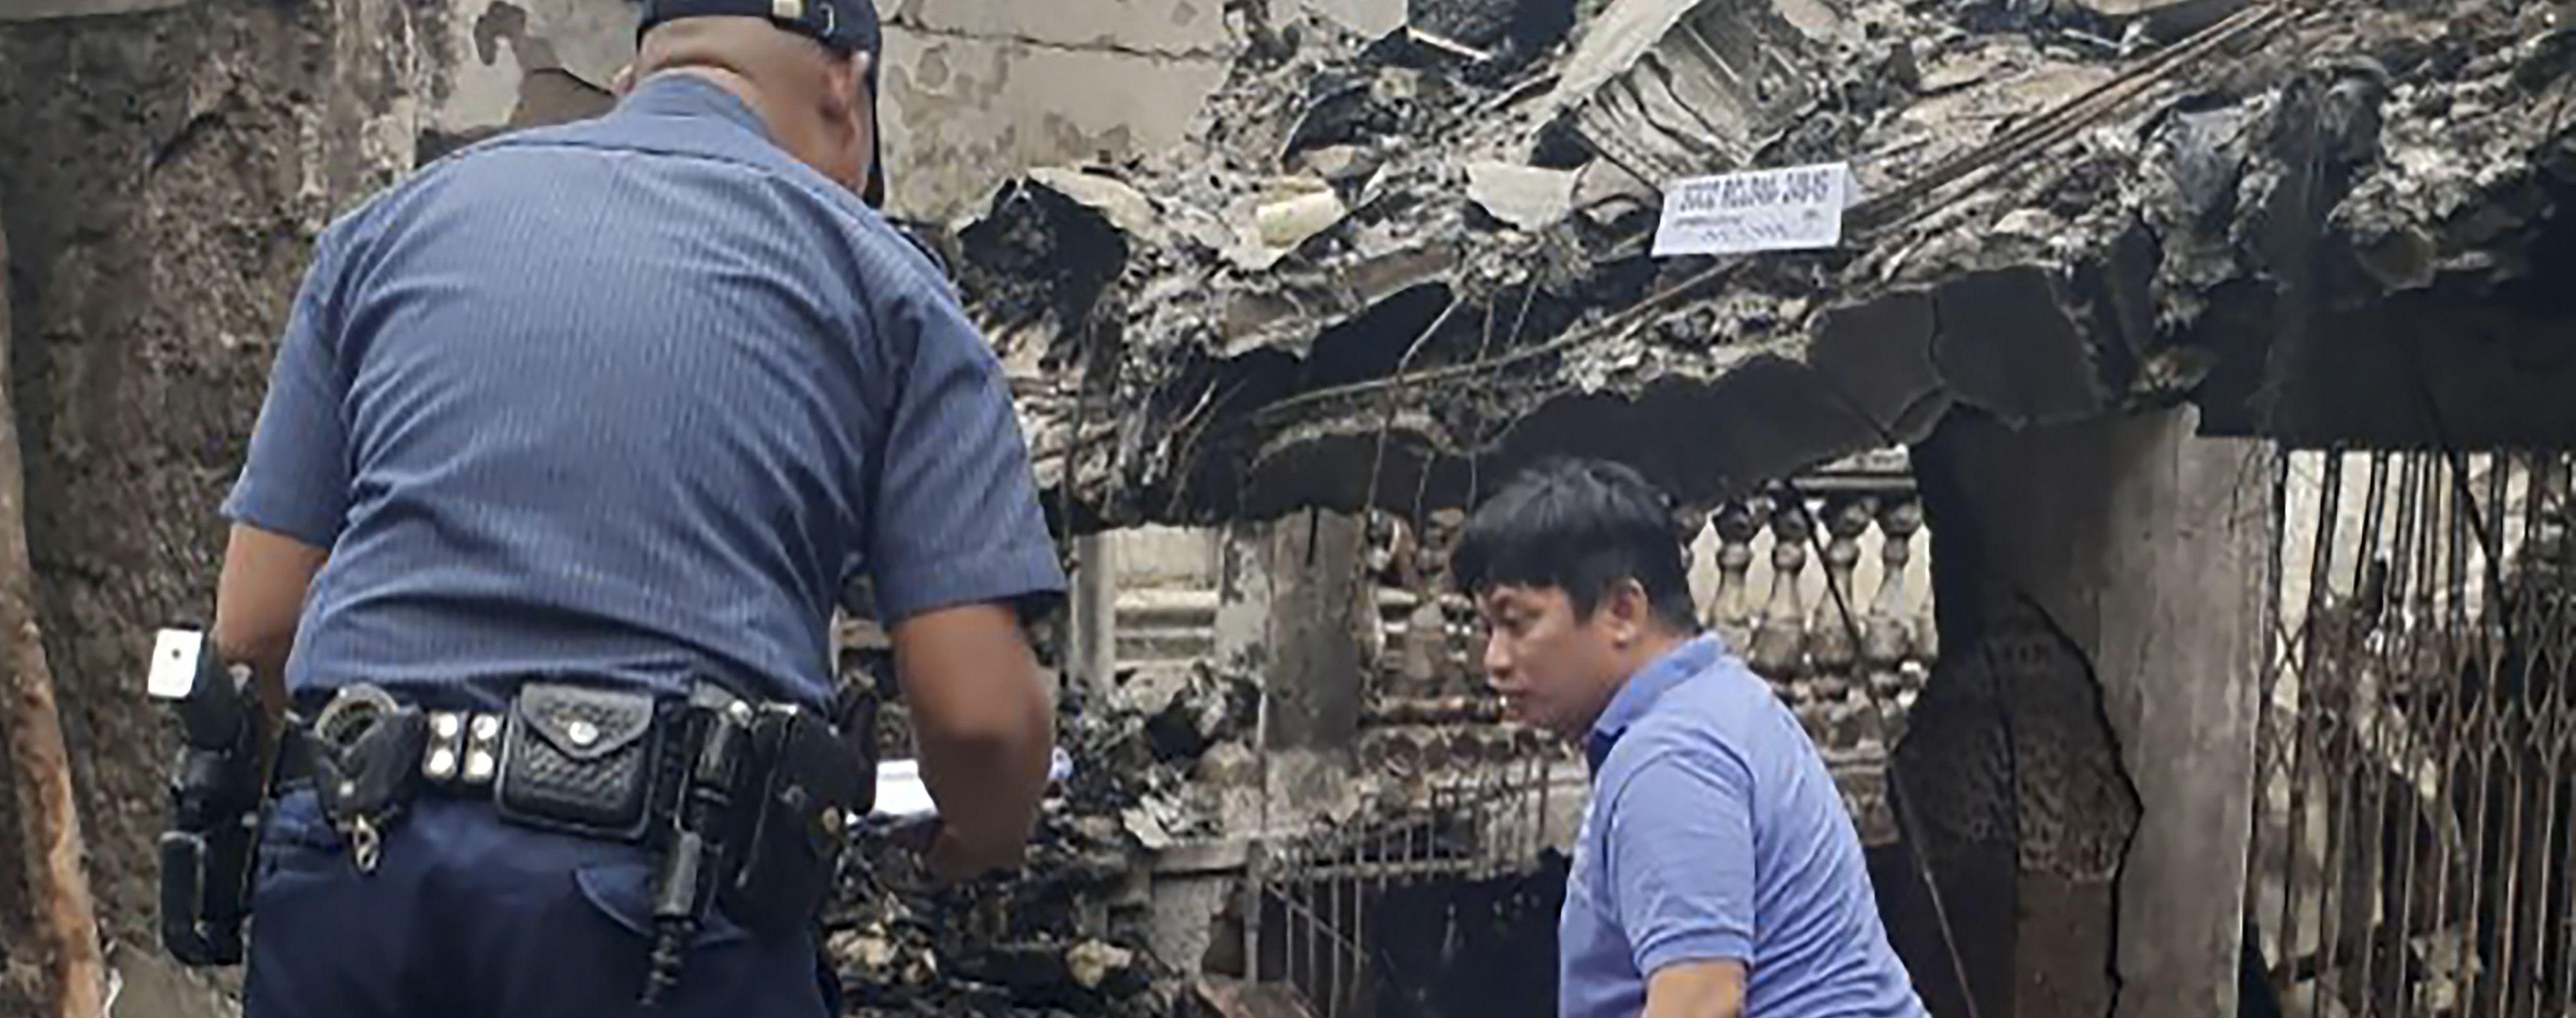 Шокирующие кадры: падение санитарного самолете на отель в Филиппинах попало на видео